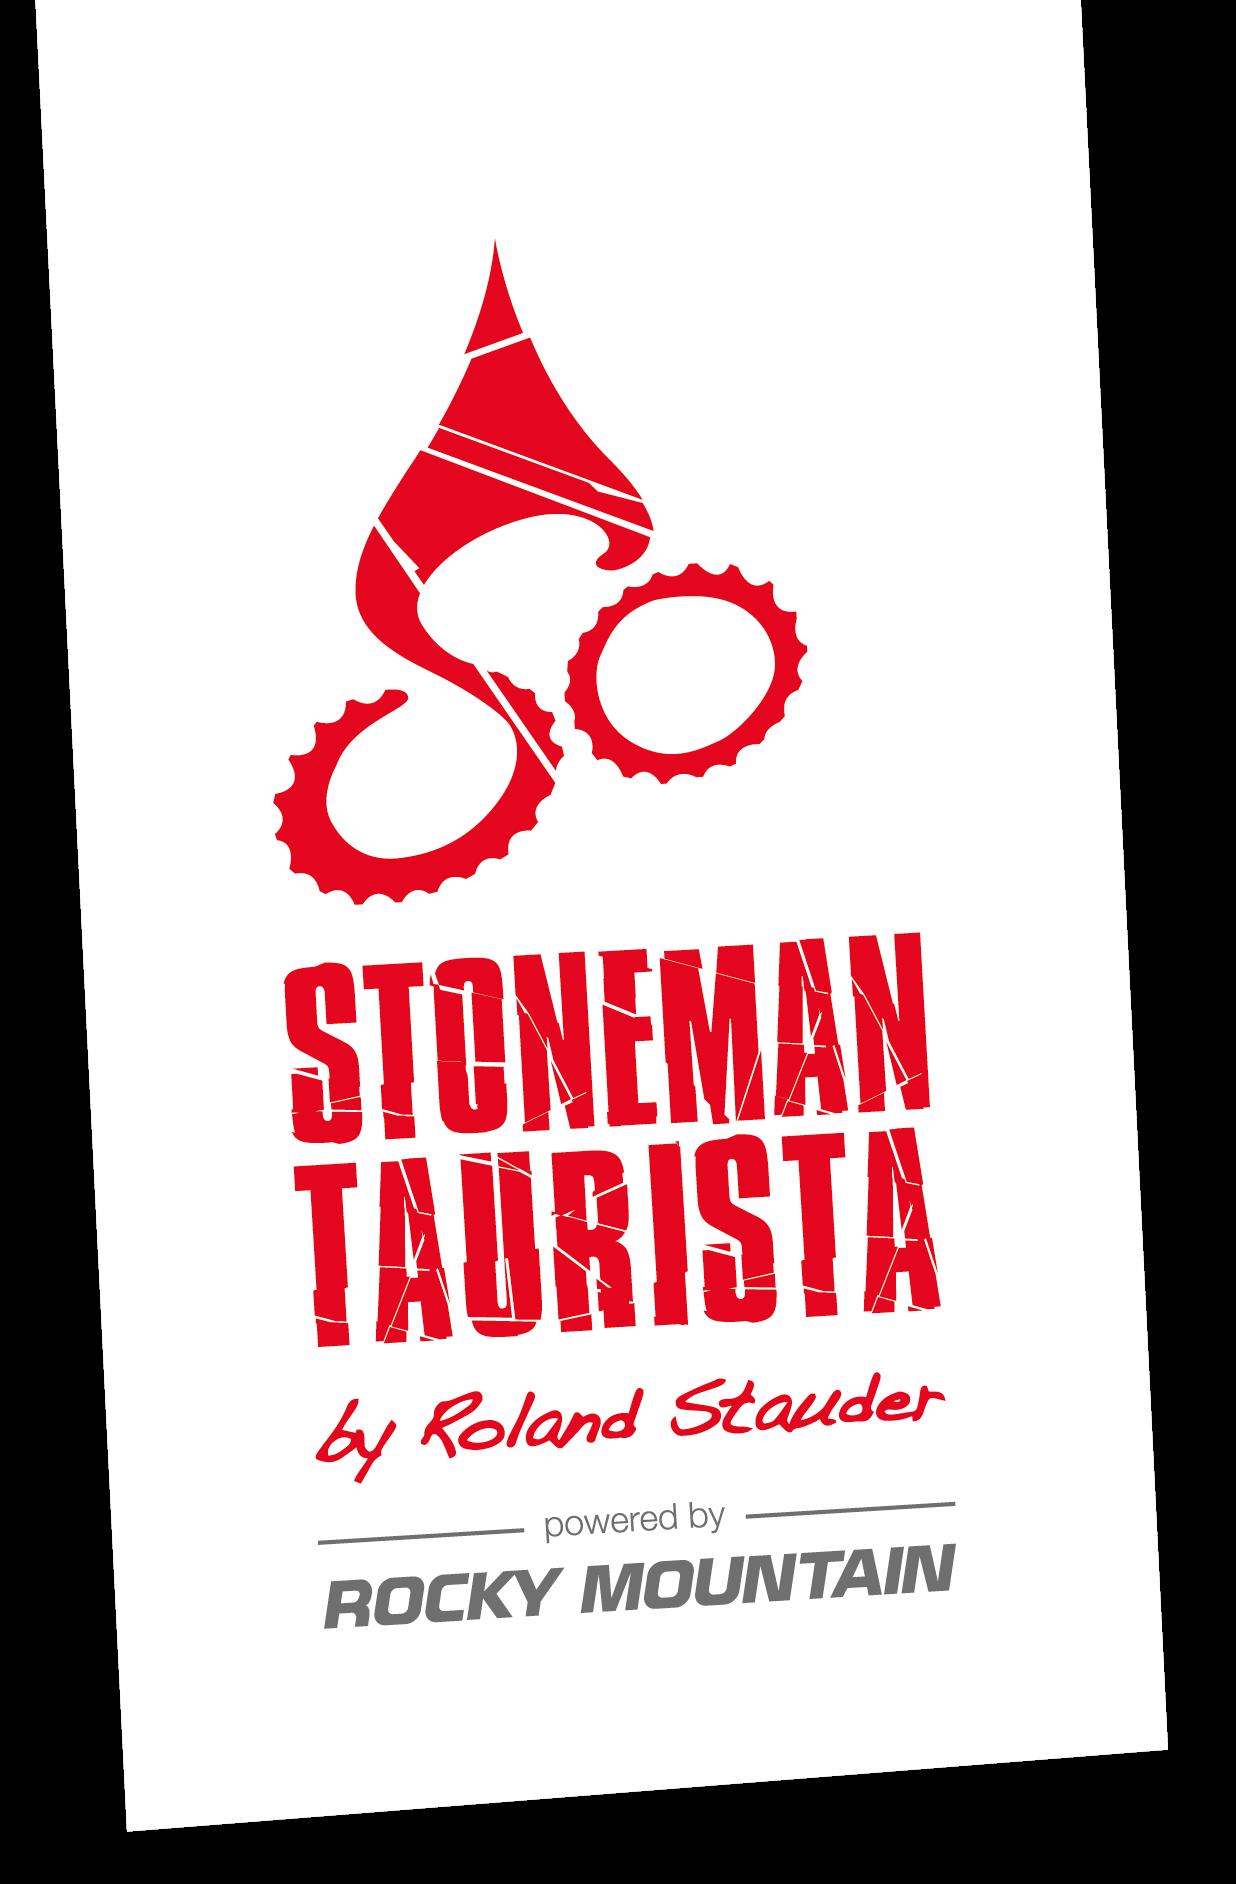 Biketouren Stoneman Taurista